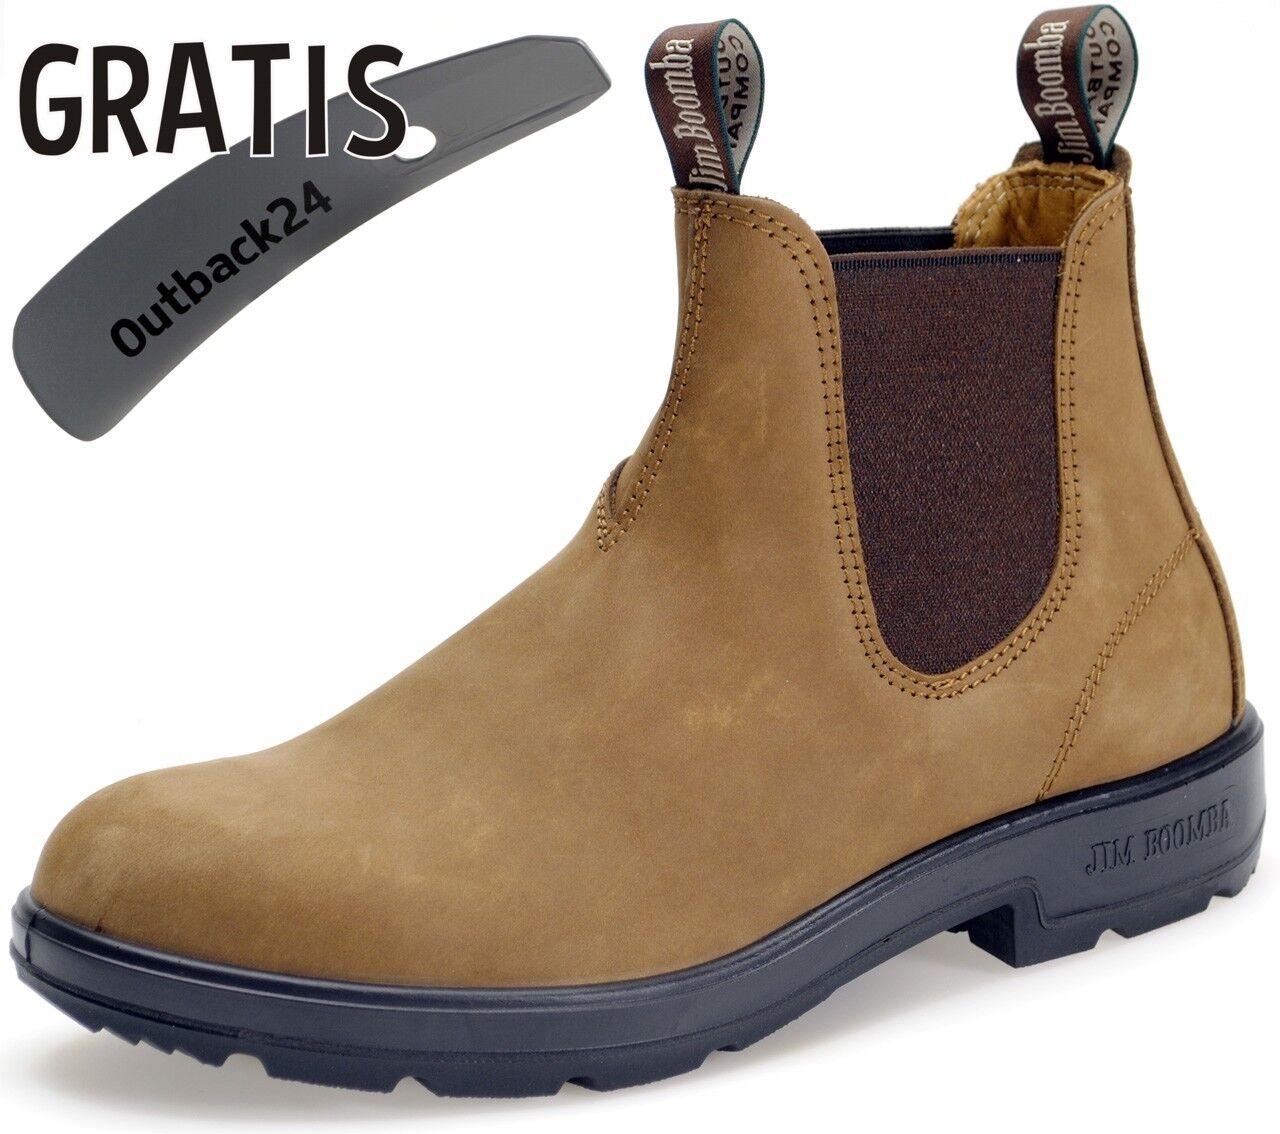 Jim Boomba Chelsea Stiefel Stiefelette UNISEX Freizeit Büro - Clay mit Schuhlöffel